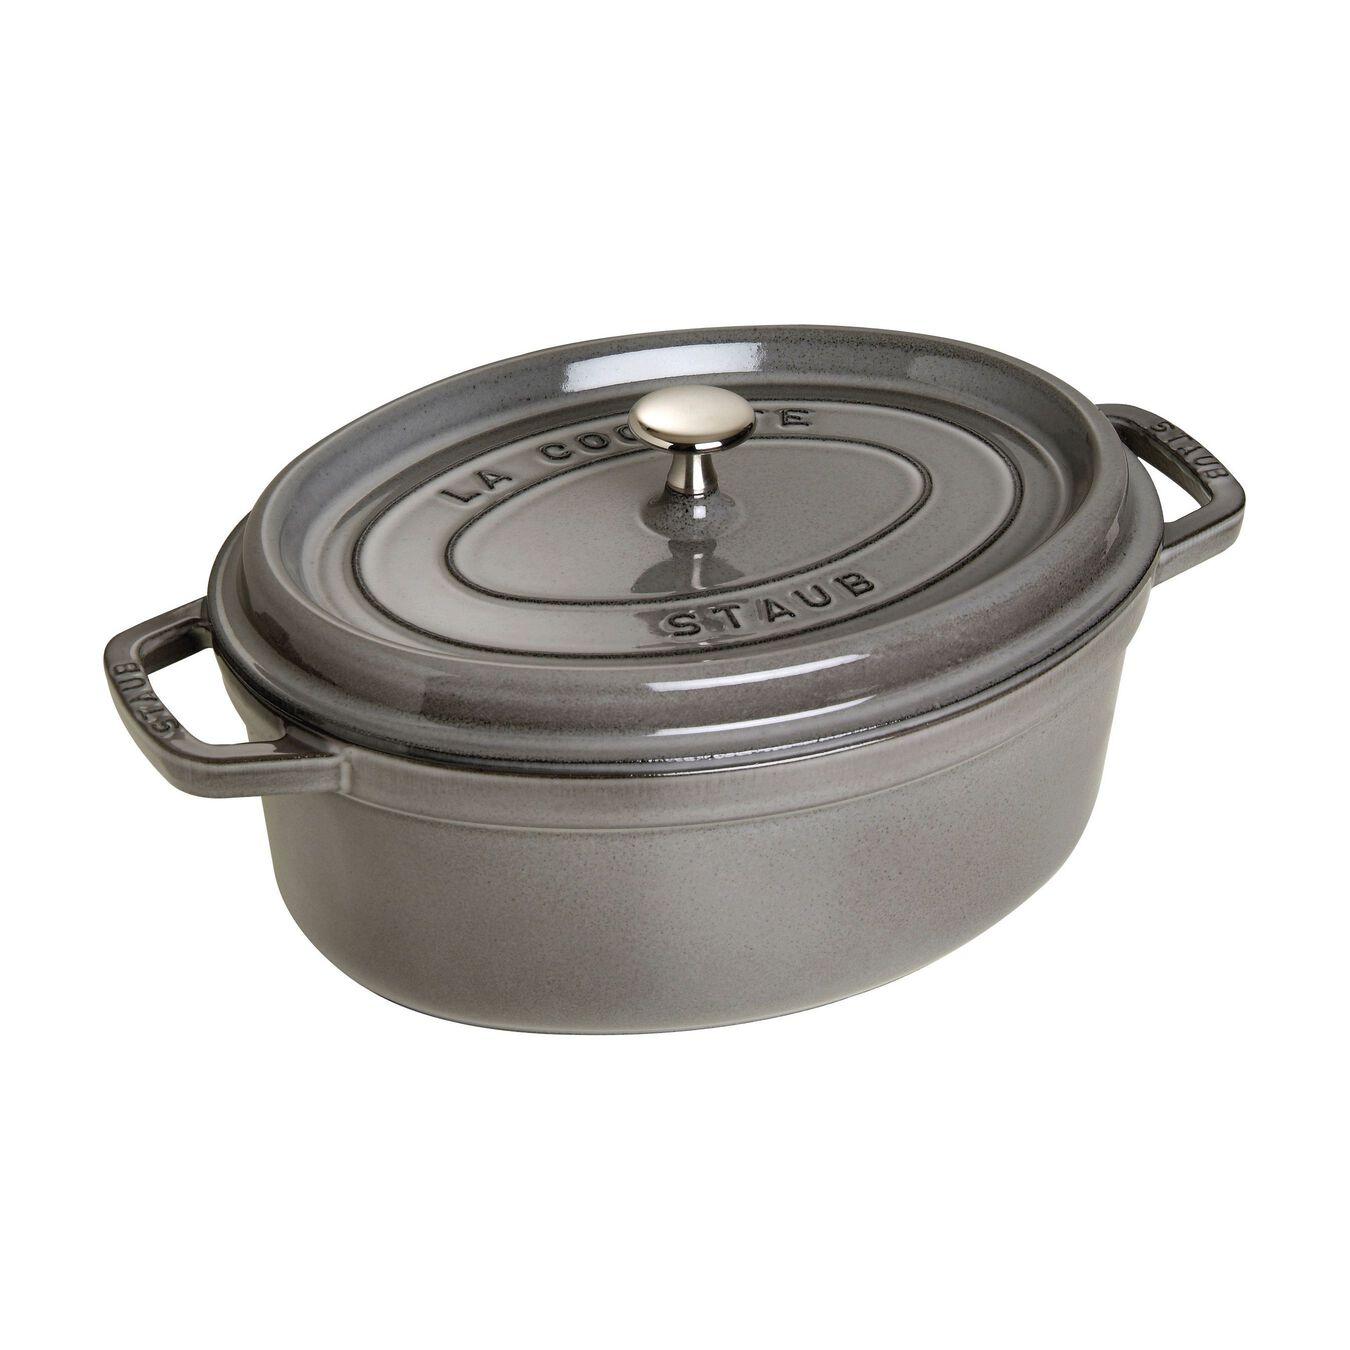 Cocotte ovale - 37 cm, Colore grigio grafite,,large 1